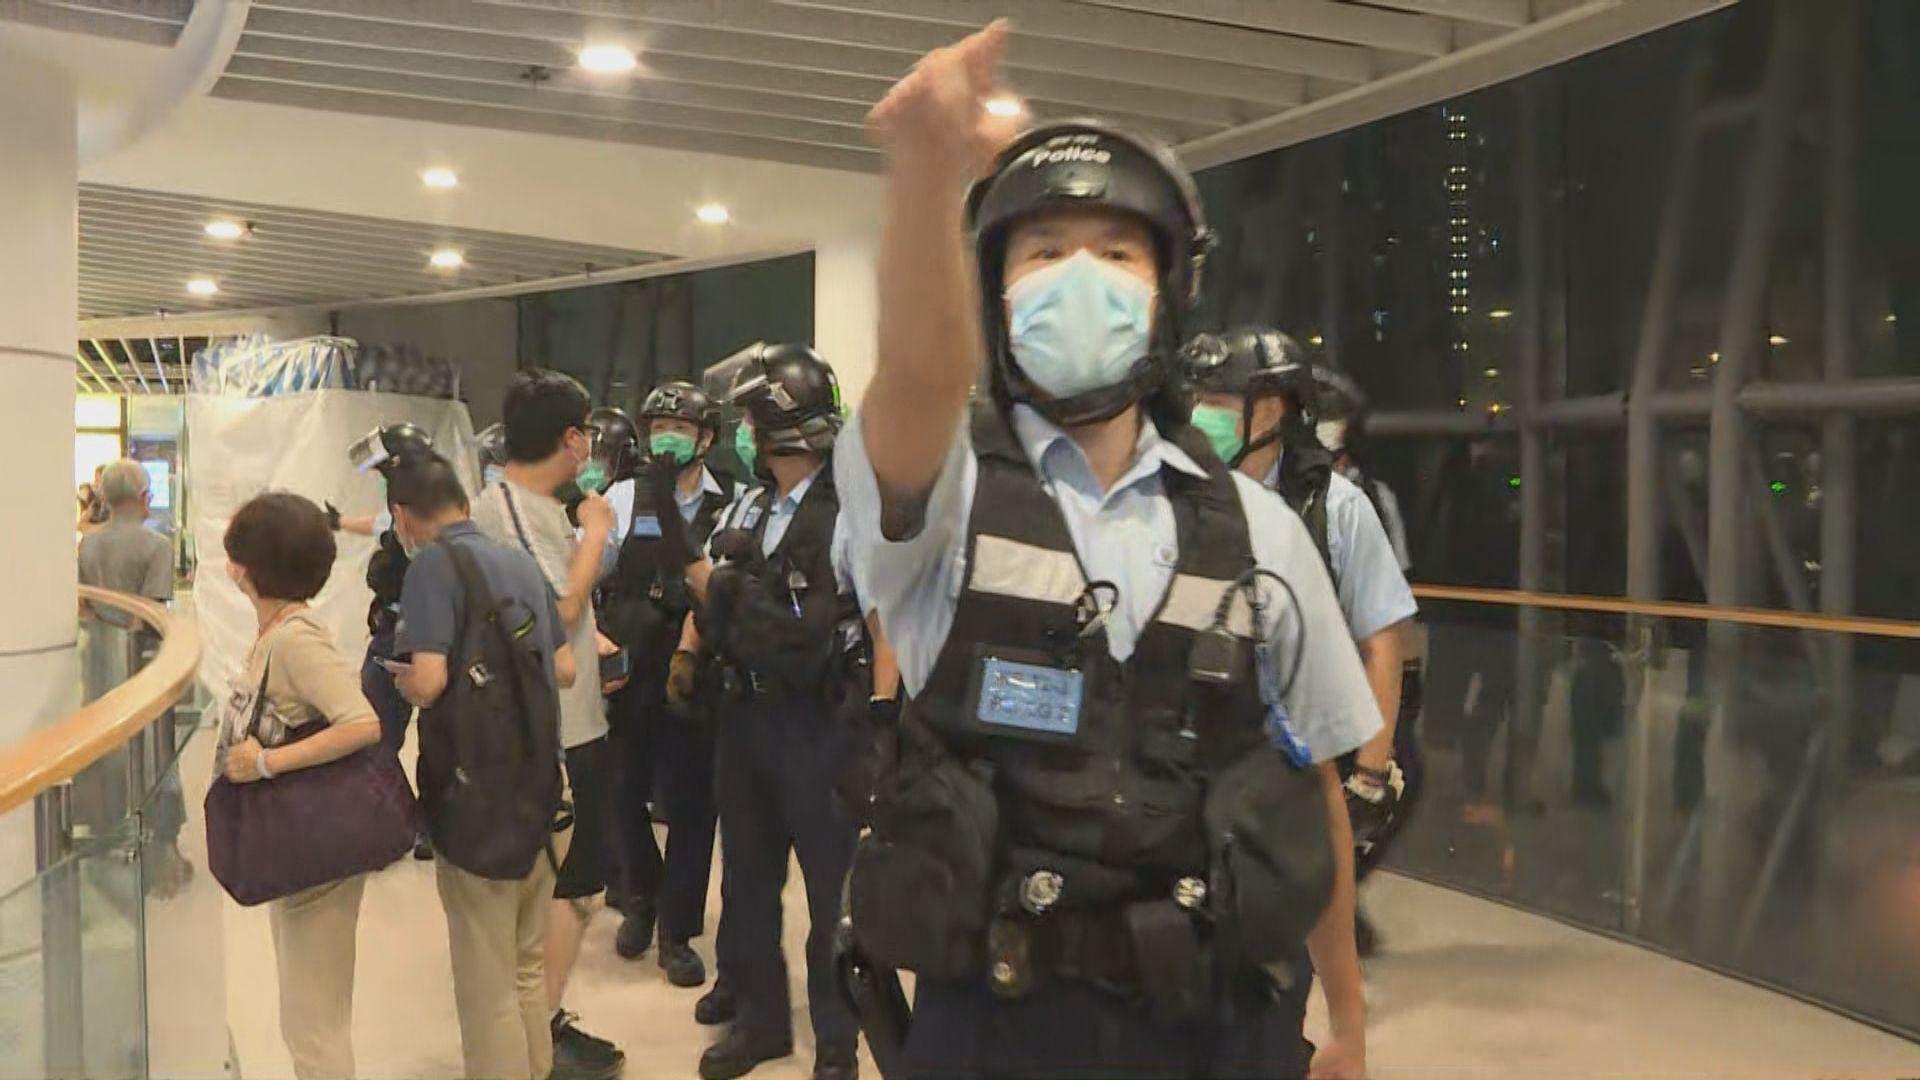 慈雲山有人聚集唱歌 警員多次入商場驅散